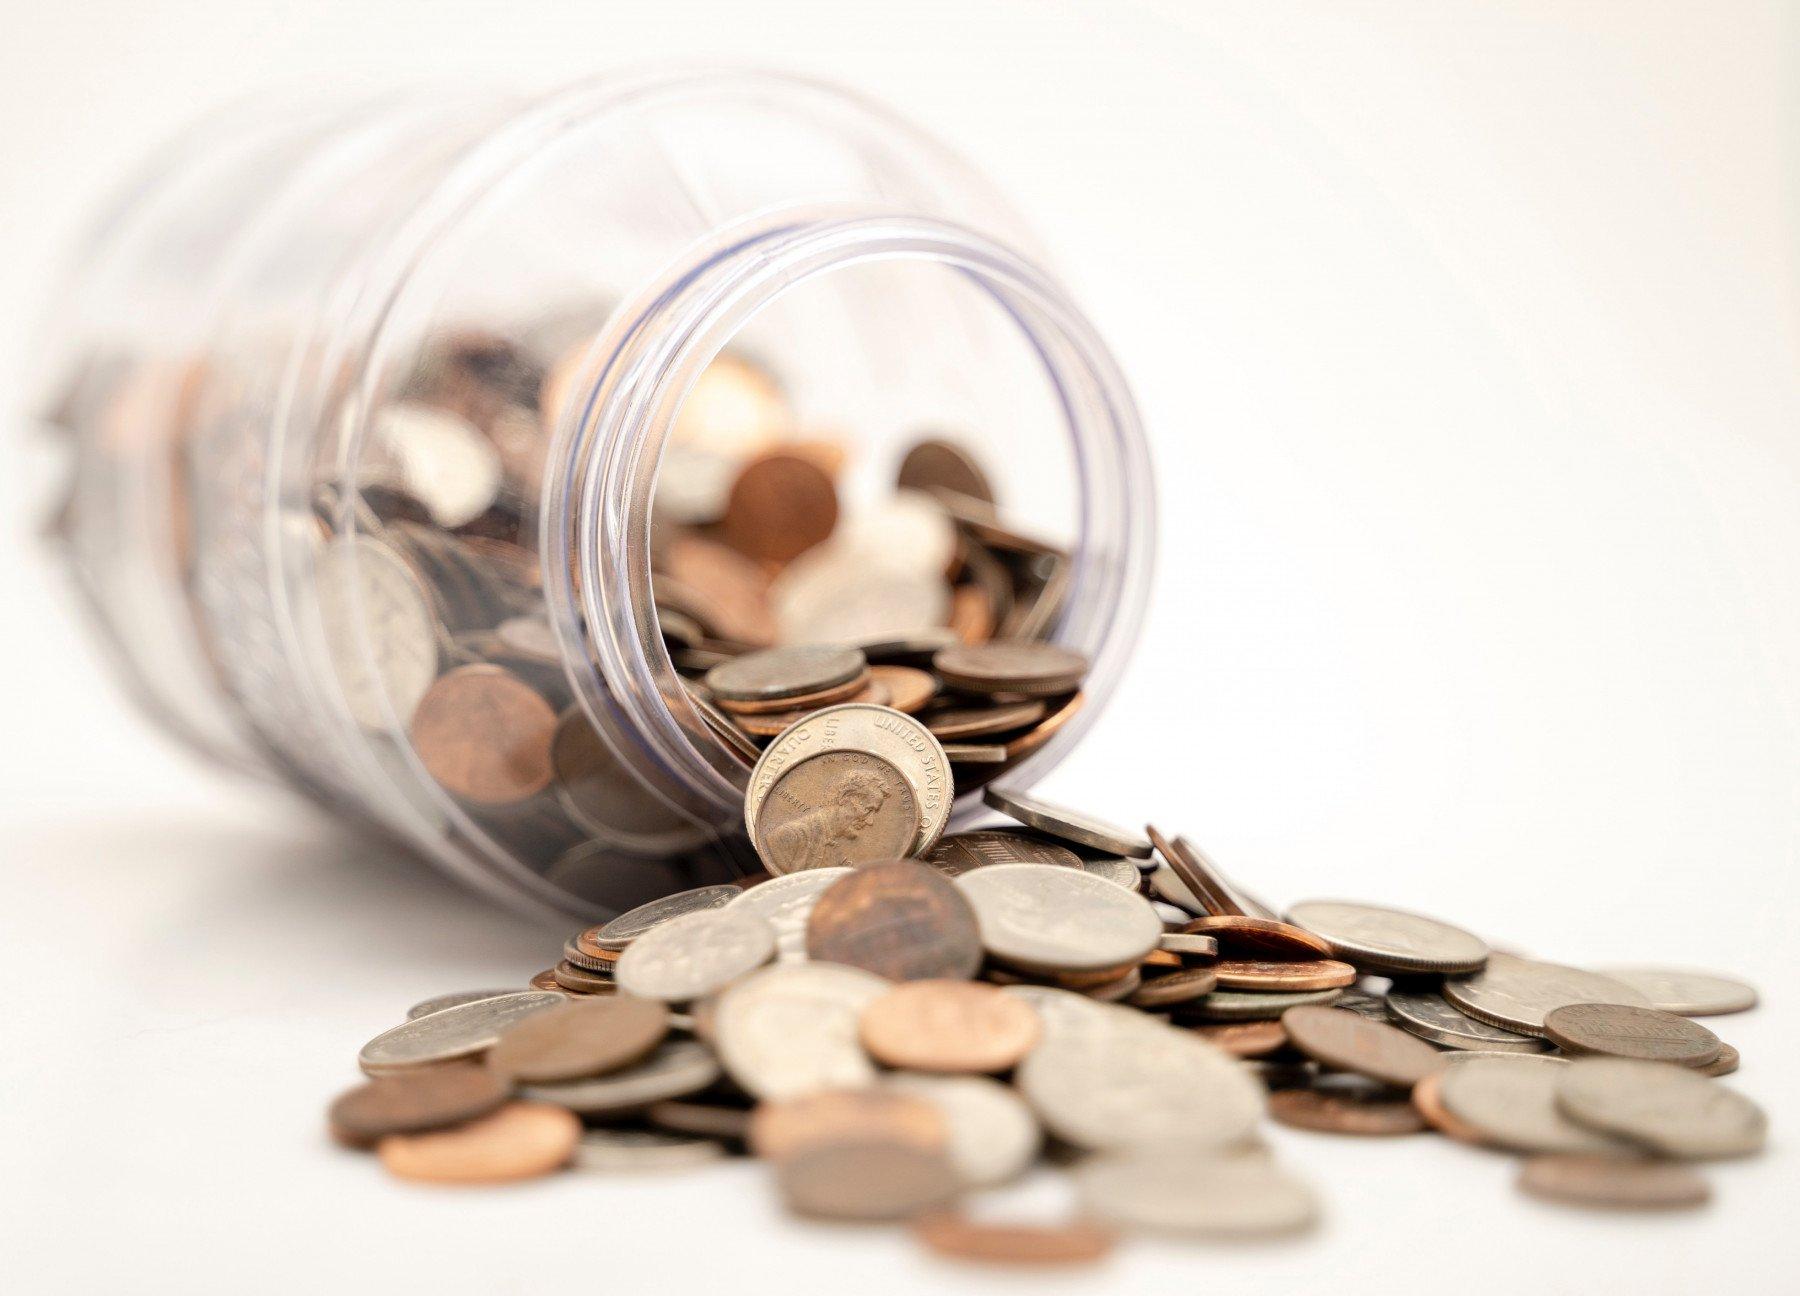 En massa mynt i en burk